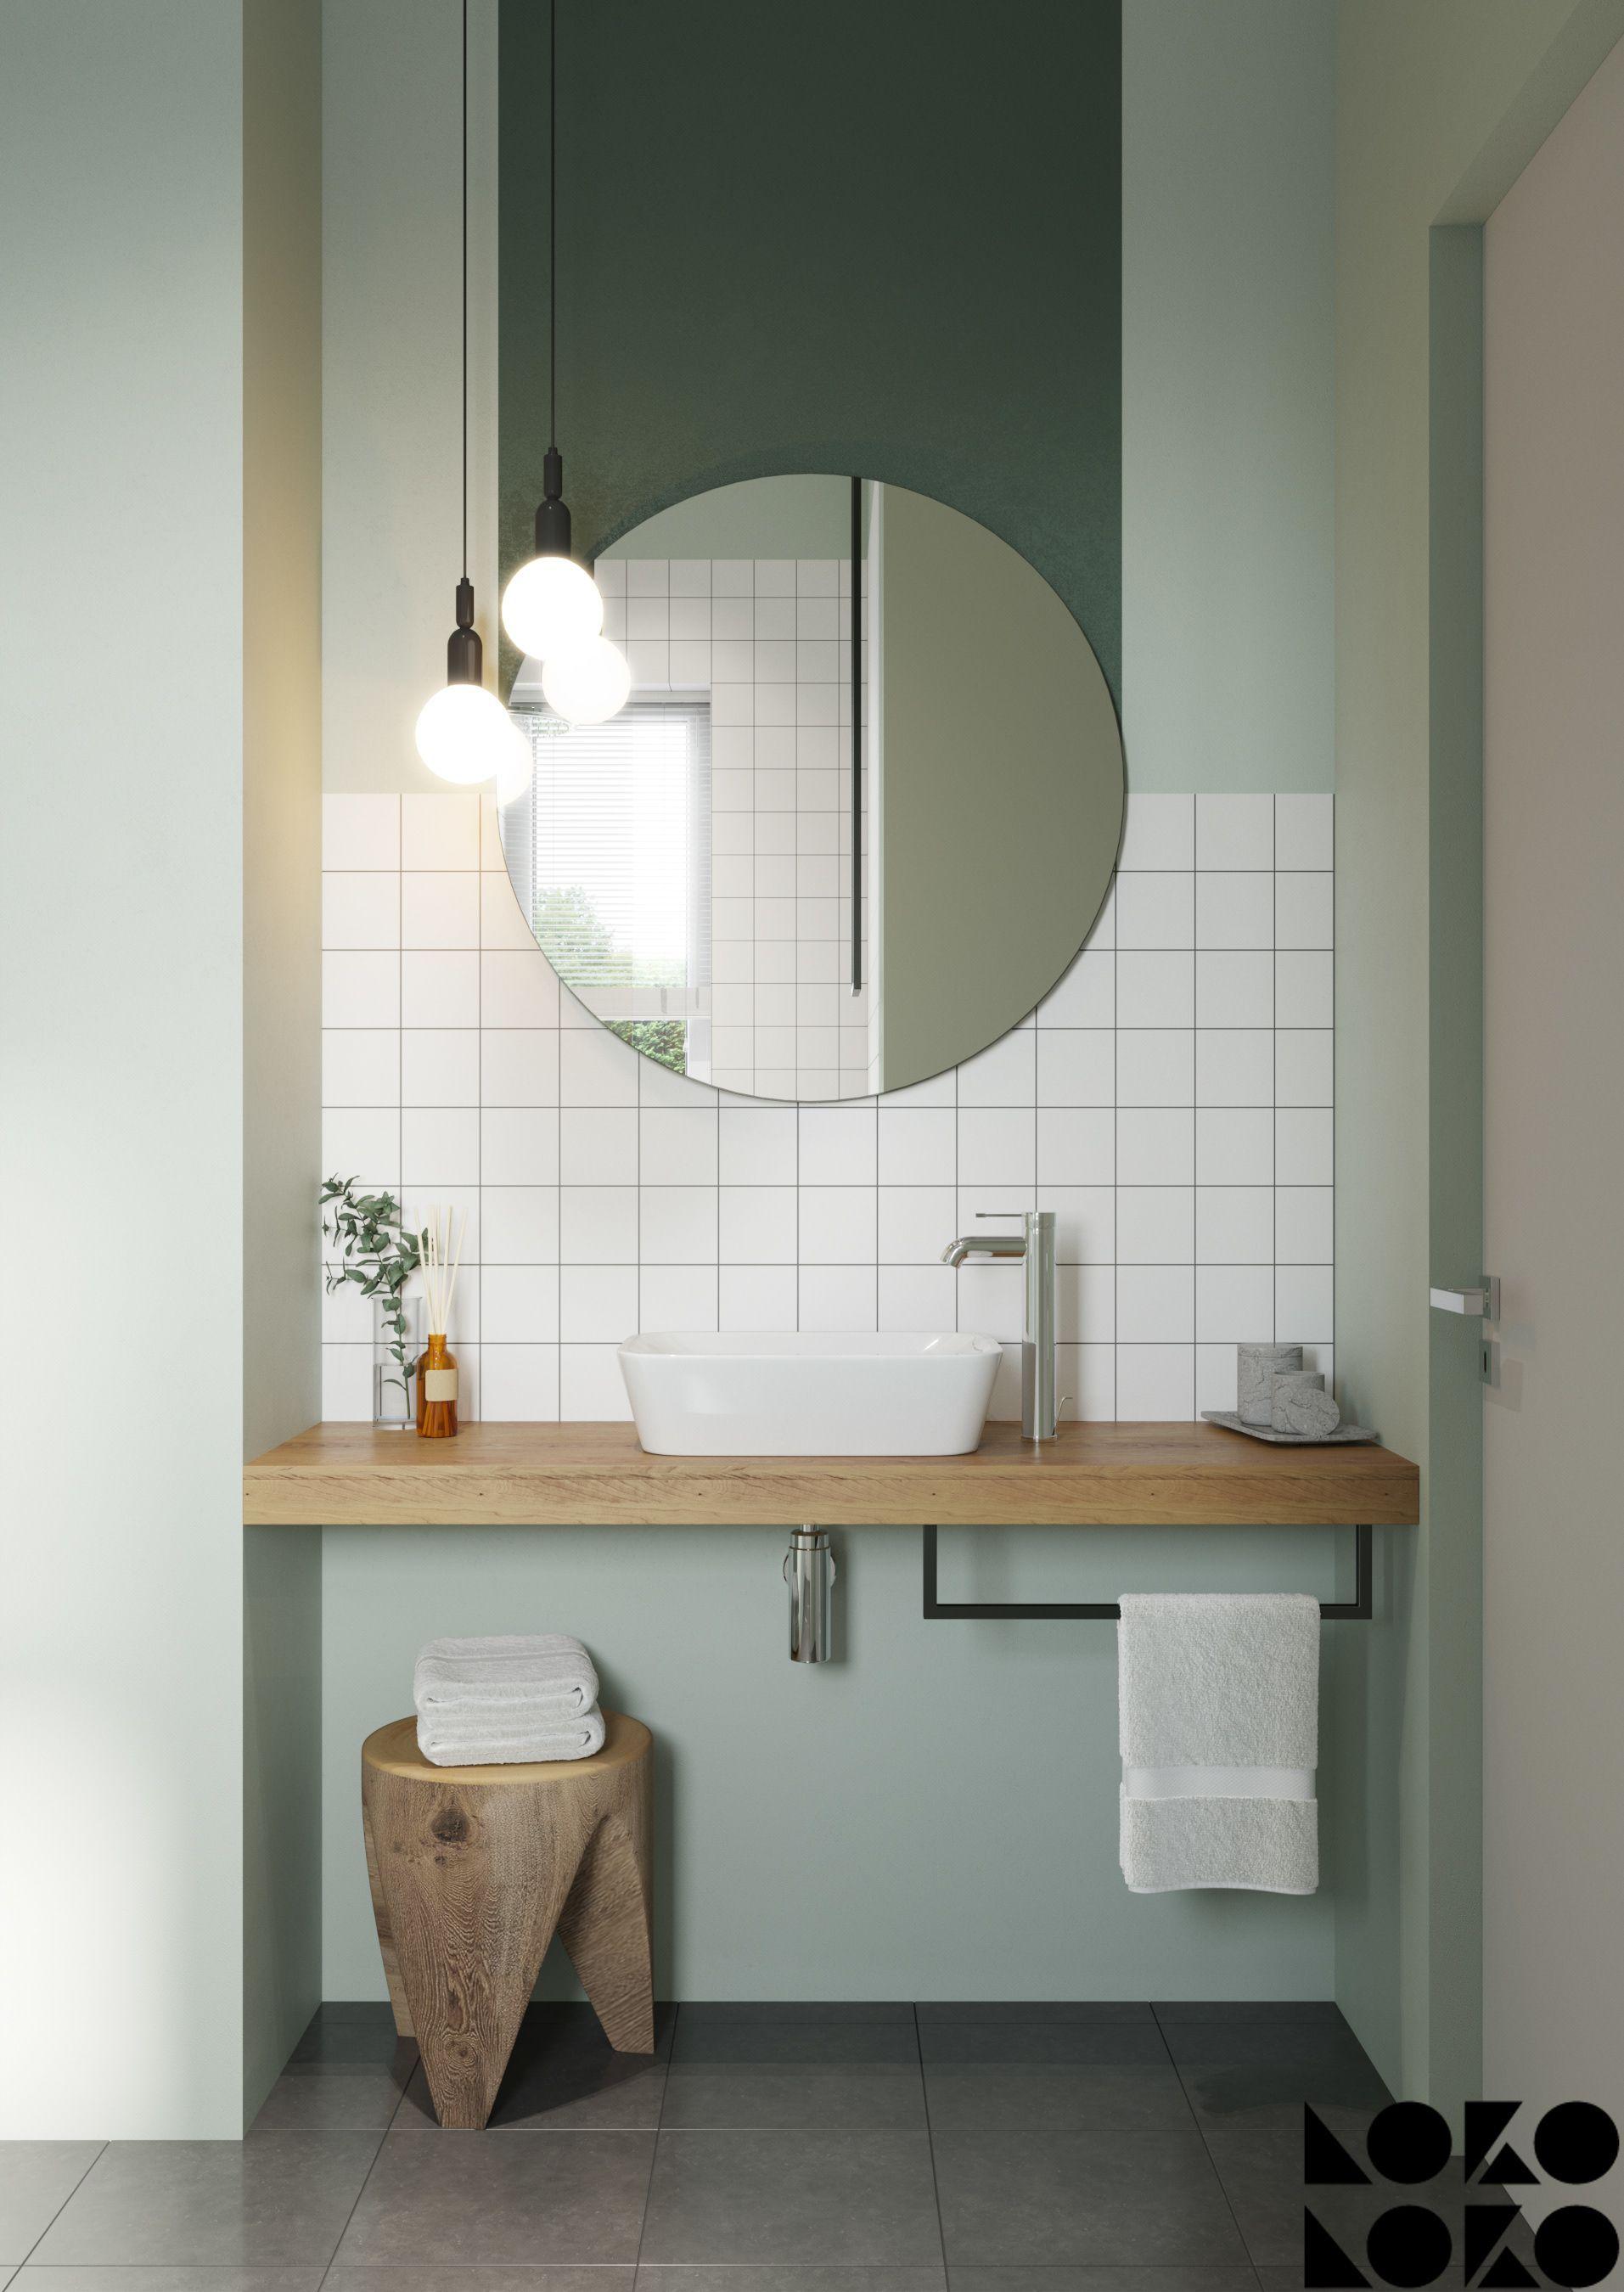 Es Wird Ihr Ultimatives Werkzeug Fur Die Innenarchitektur Sein Www Wohn Designtrend De Wunderschone Wohnzimmer Bad Einrichten Modernes Badezimmer Badezimmer